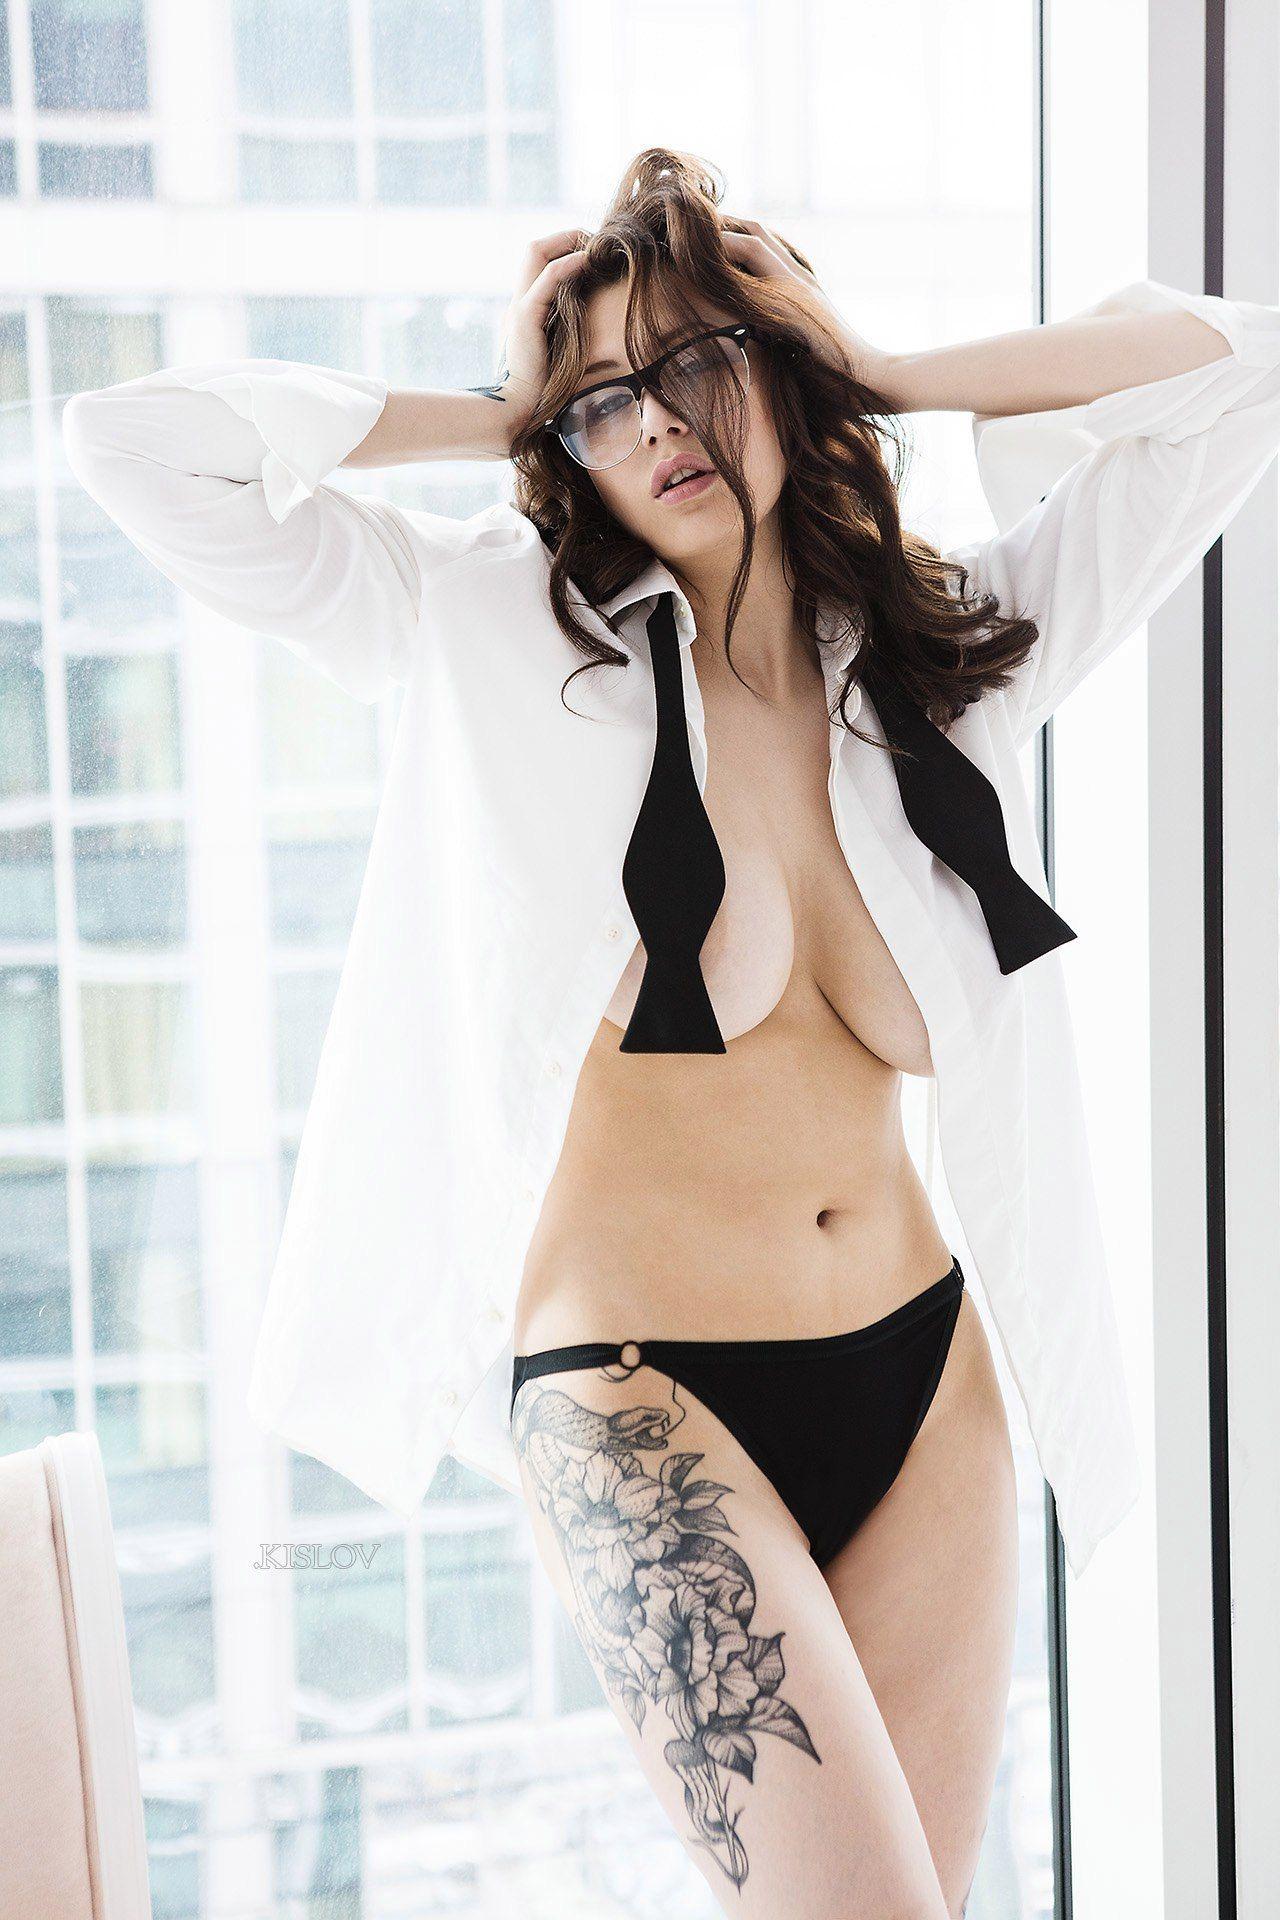 Evgenia Talanina nude (93 photos) Sideboobs, Facebook, cleavage